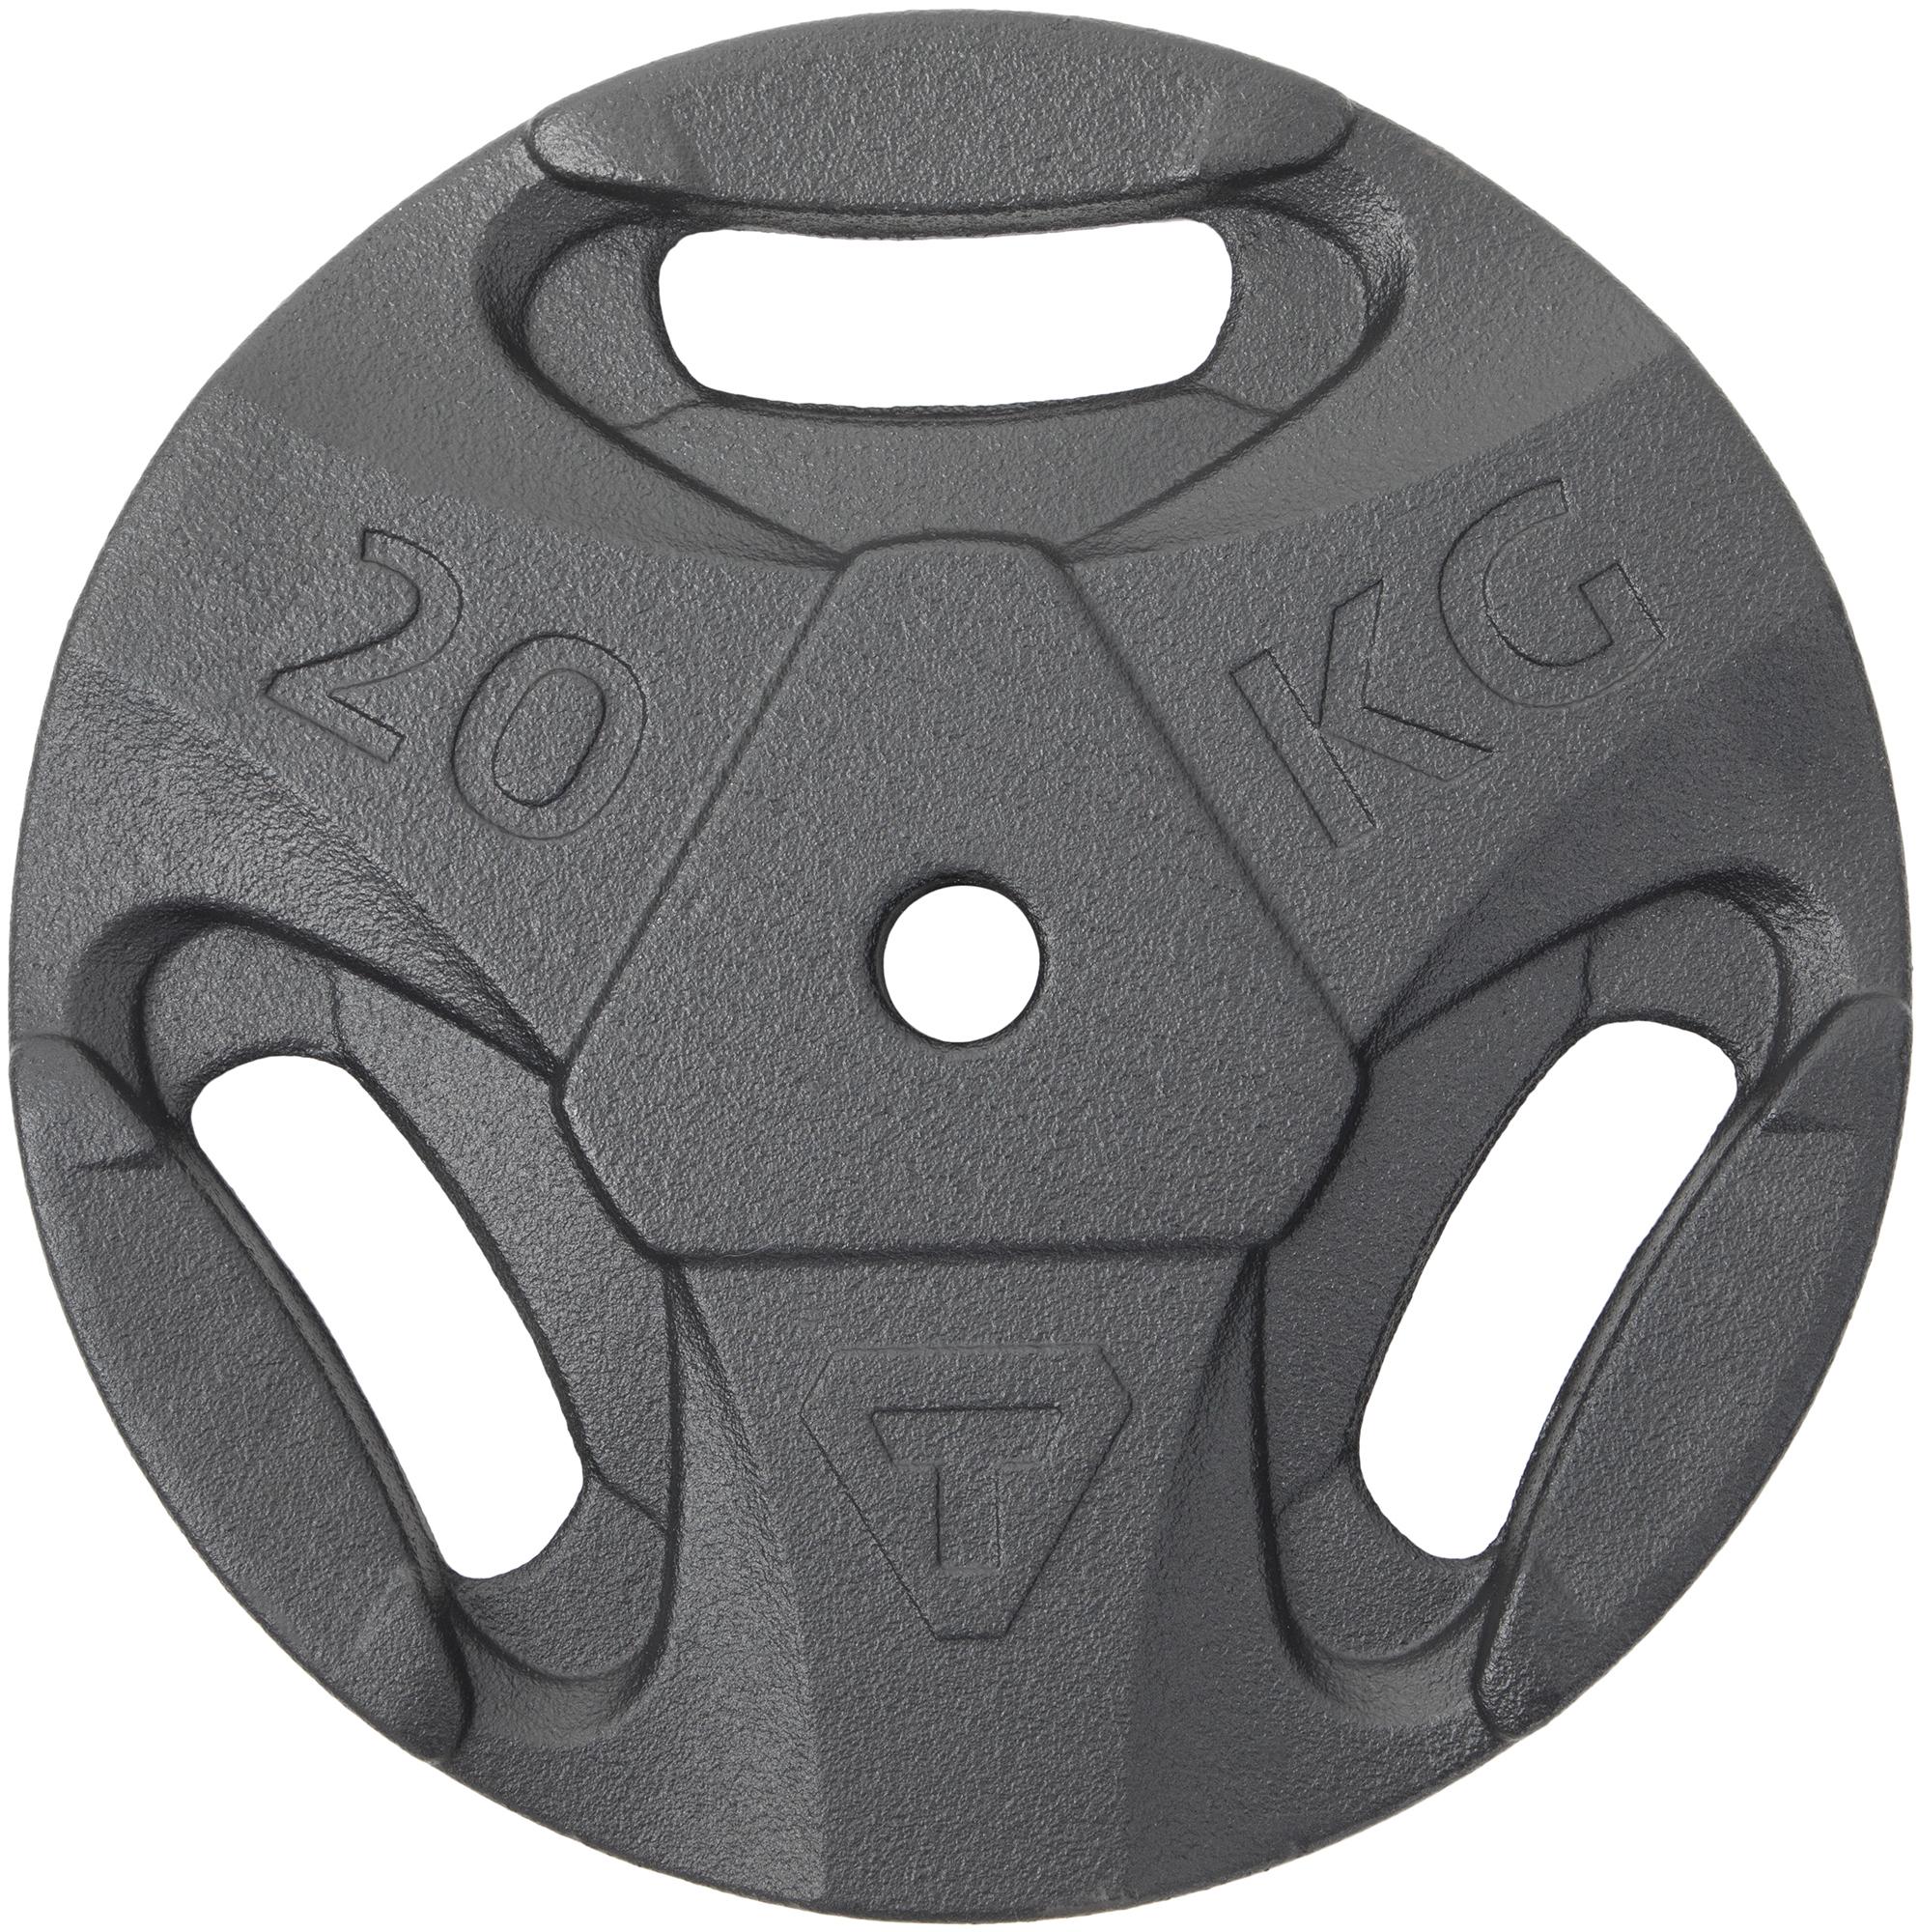 Фото - Блин стальной Torneo, 20 кг, 2020-21 torneo блин torneo в пластиковом корпусе 0 5 кг 2020 21